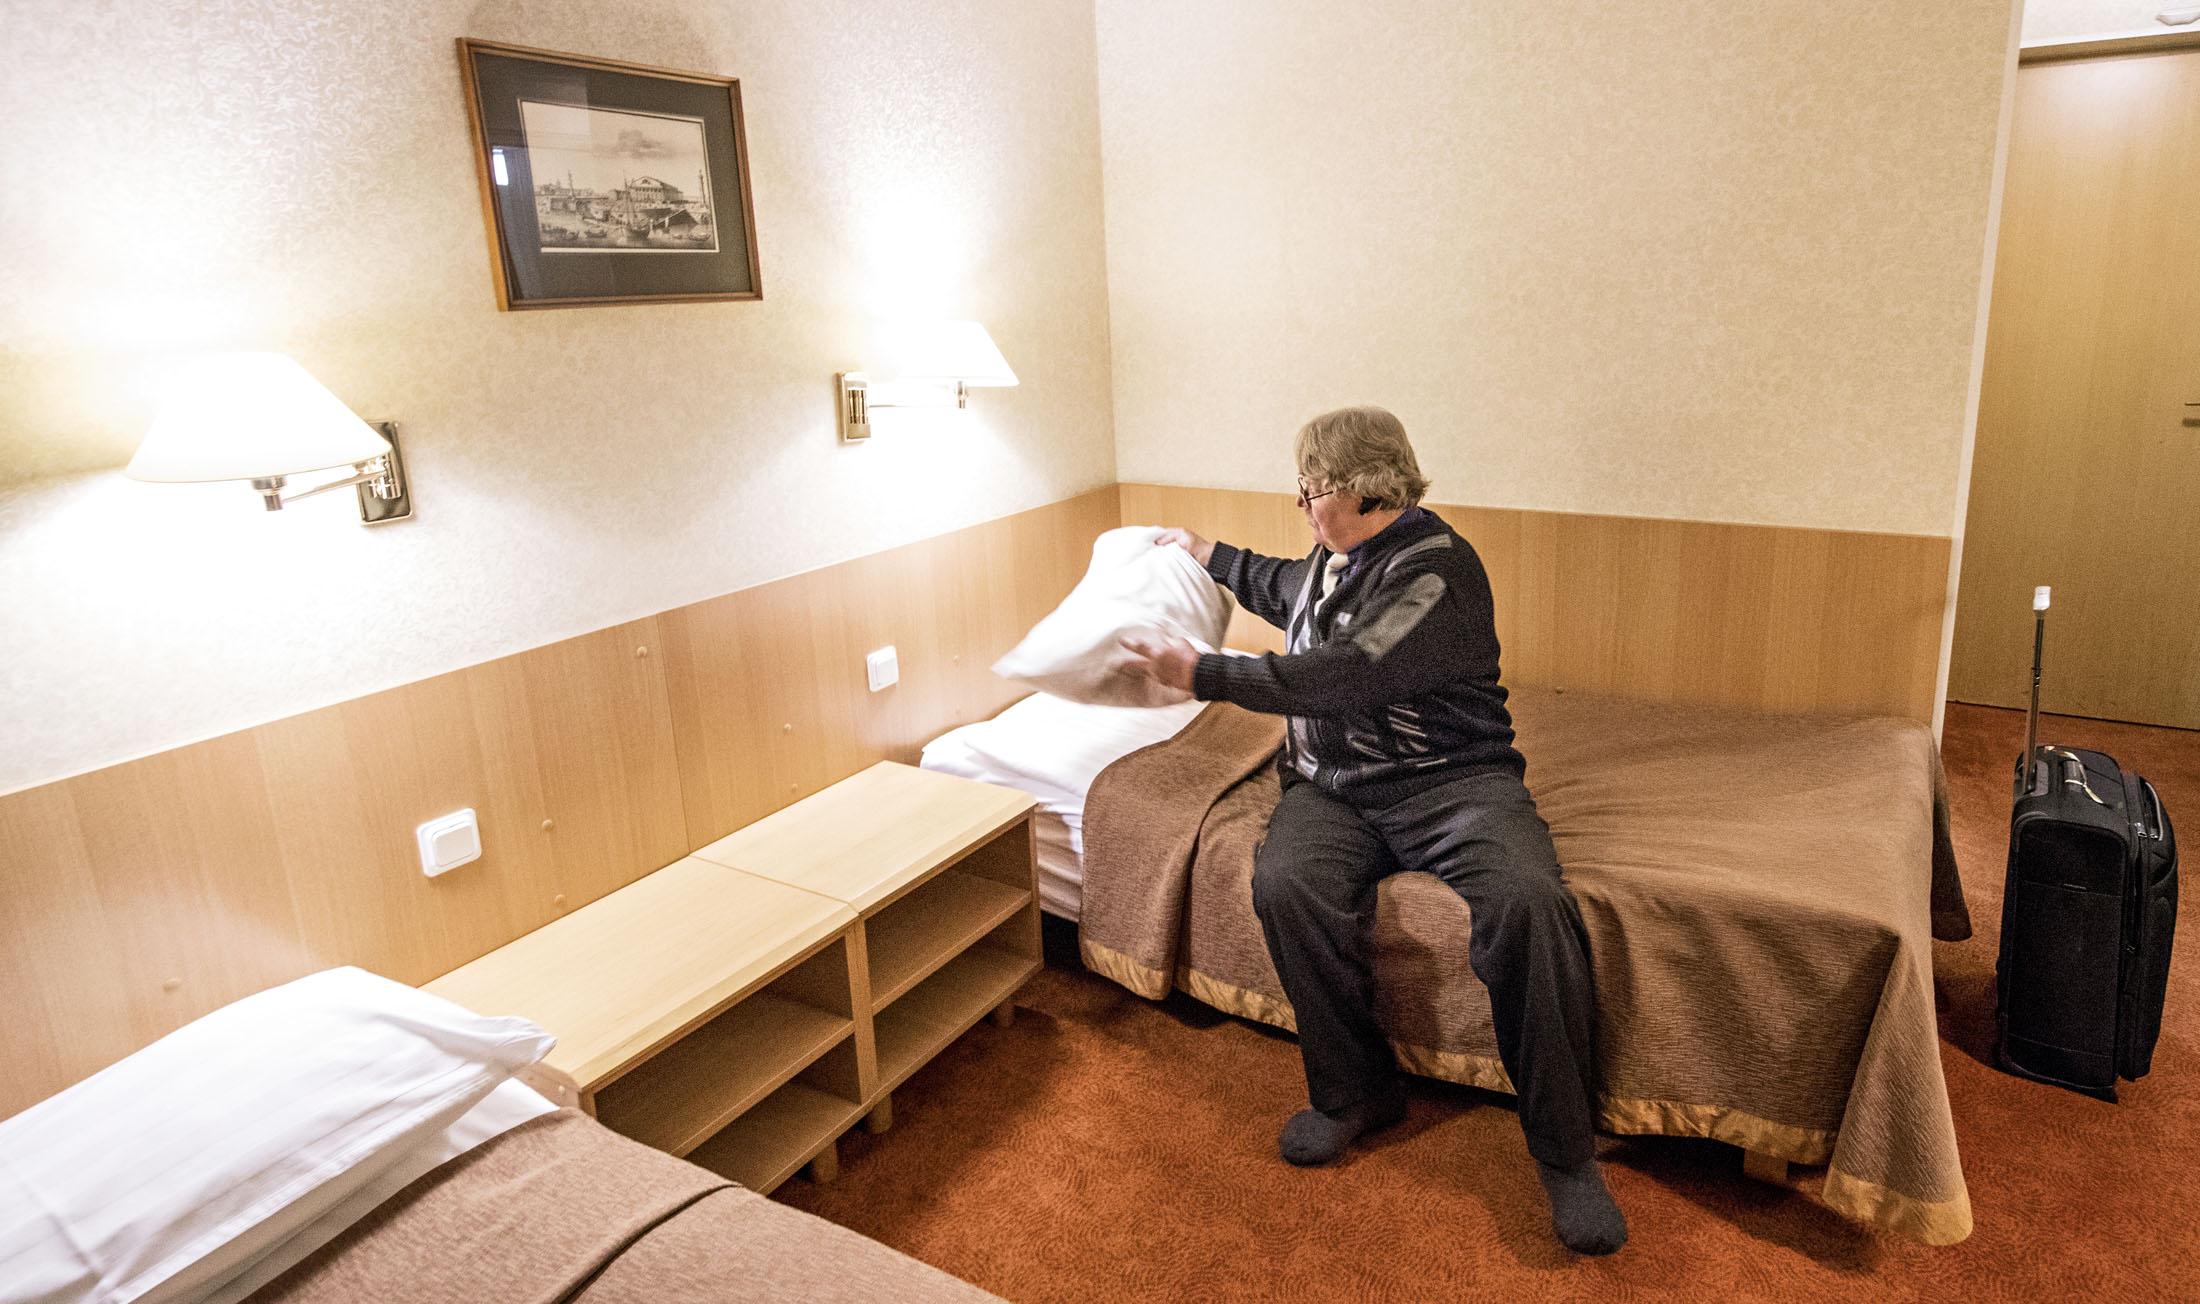 Matkanjohtajan pitkä päivä päättyy hotellihuoneen laverille.